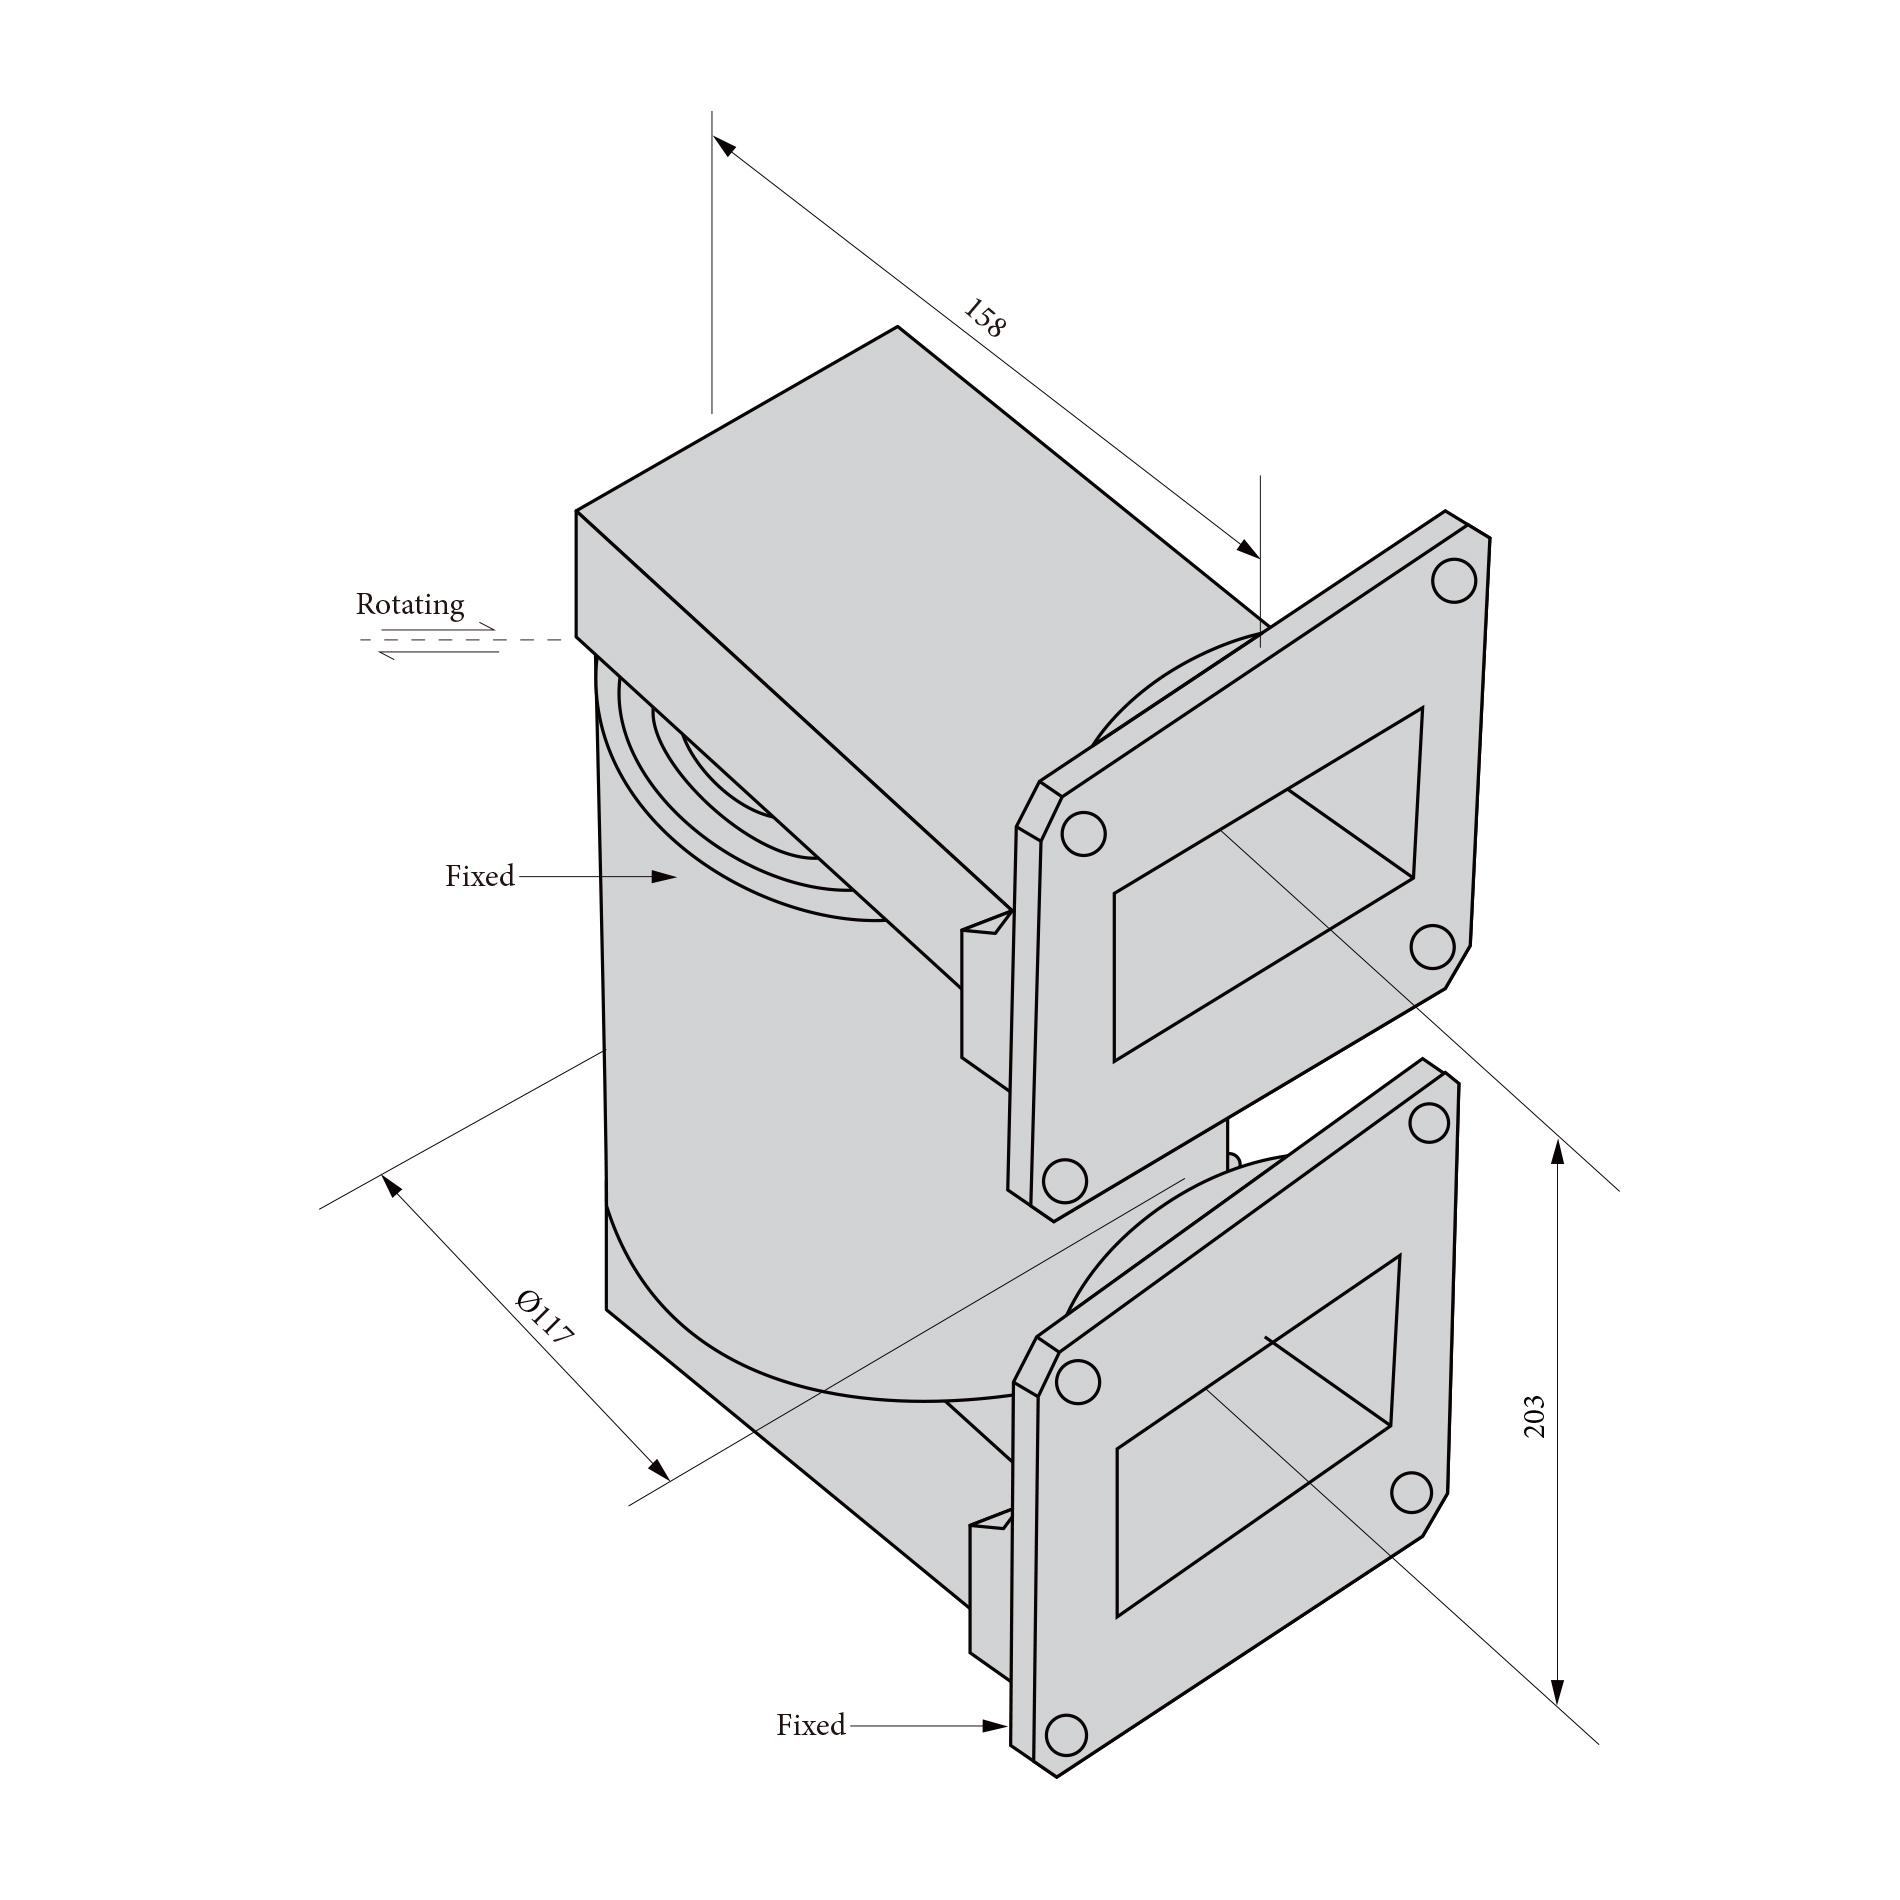 单路波导旋转关节RJ153132  2.7 - 3.2 GHz FDP32接头